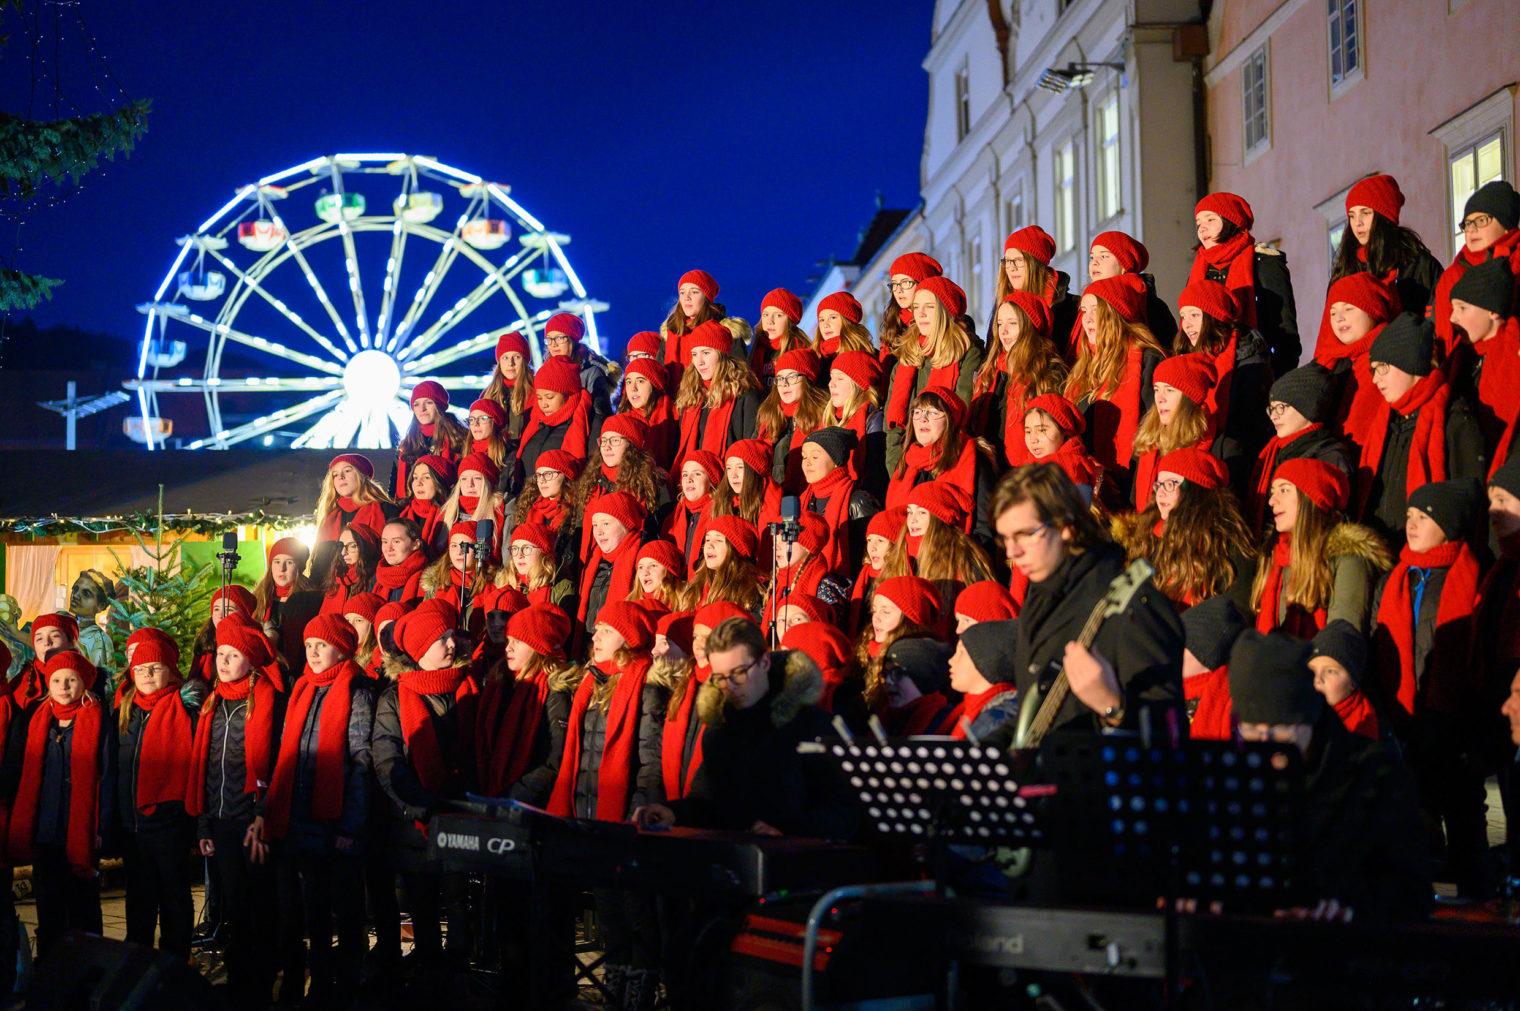 Weihnachtschor am Adventmarkt Leoben